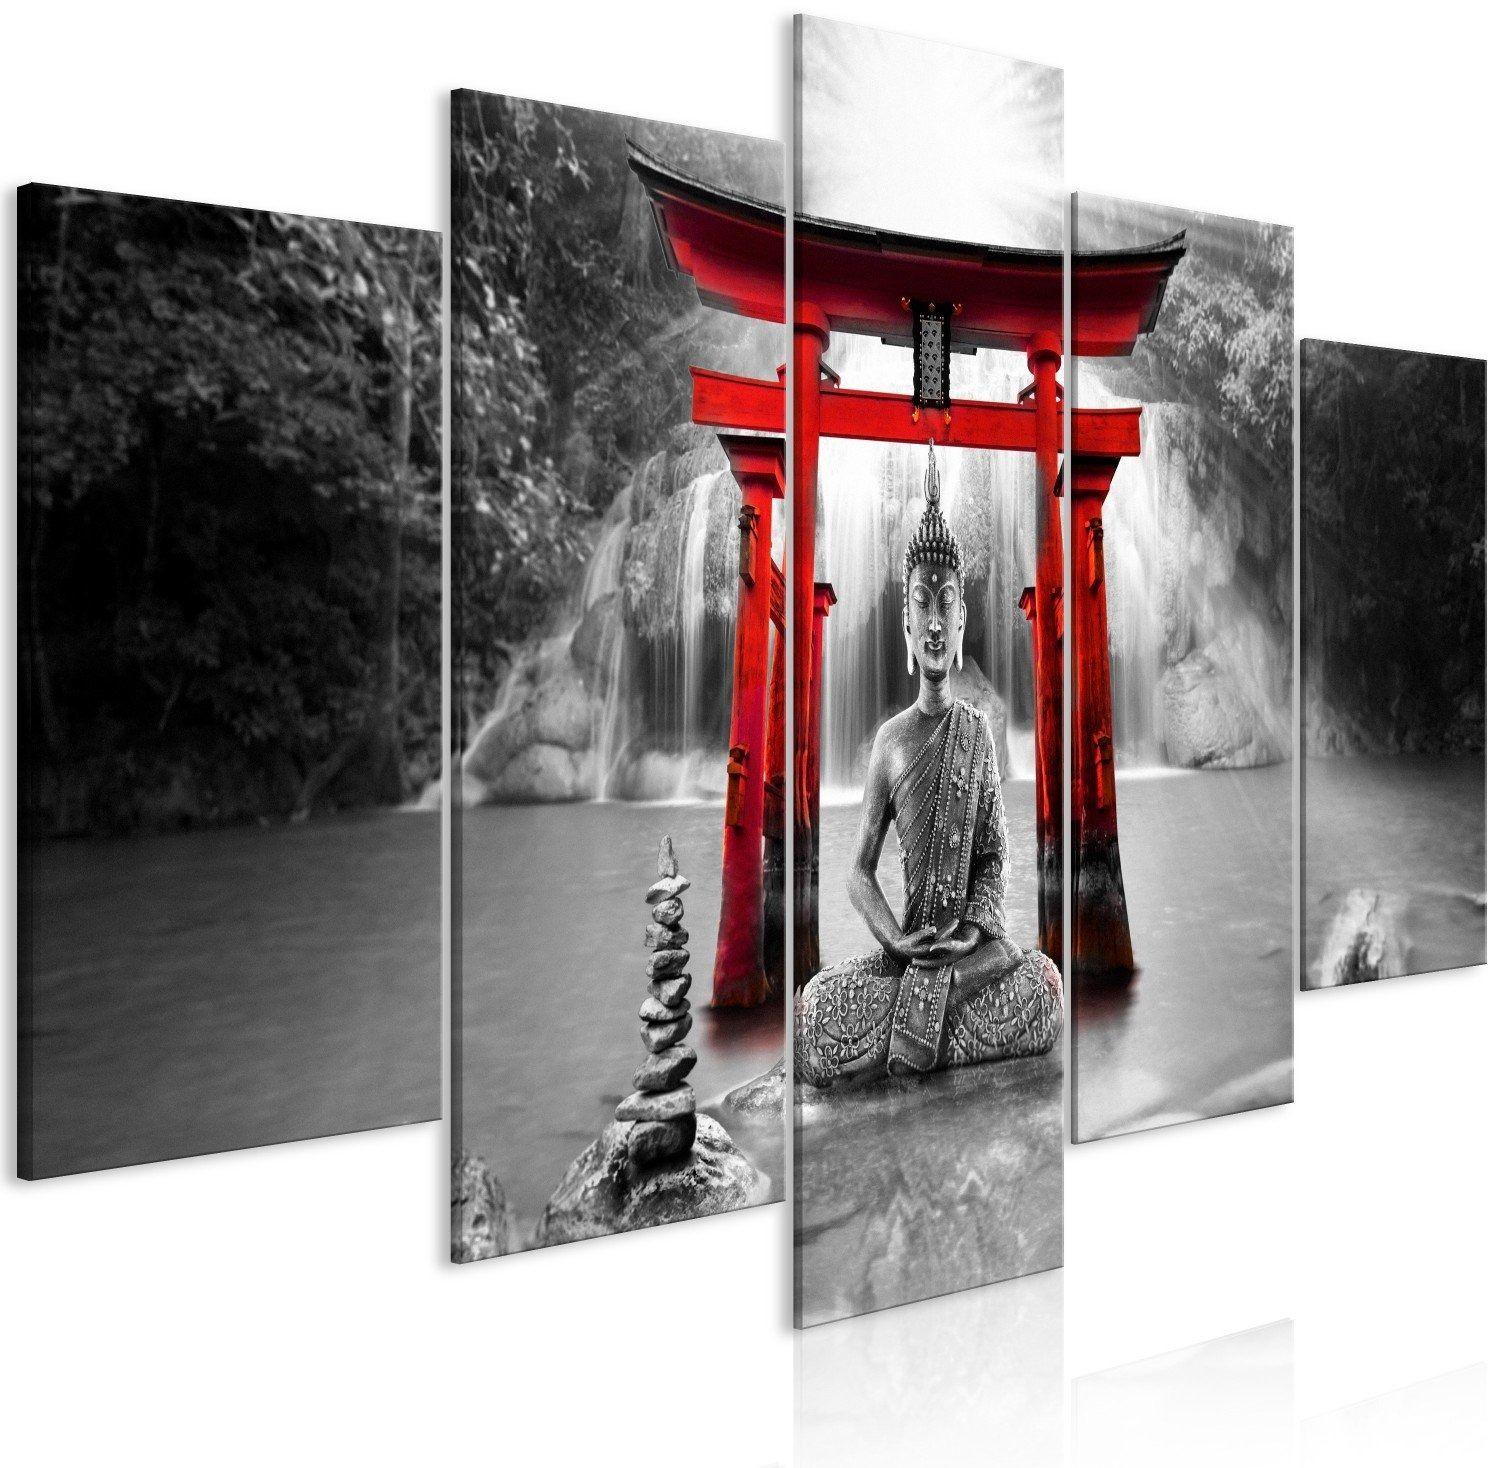 Obraz - uśmiech buddy (5-częściowy) szeroki czerwony